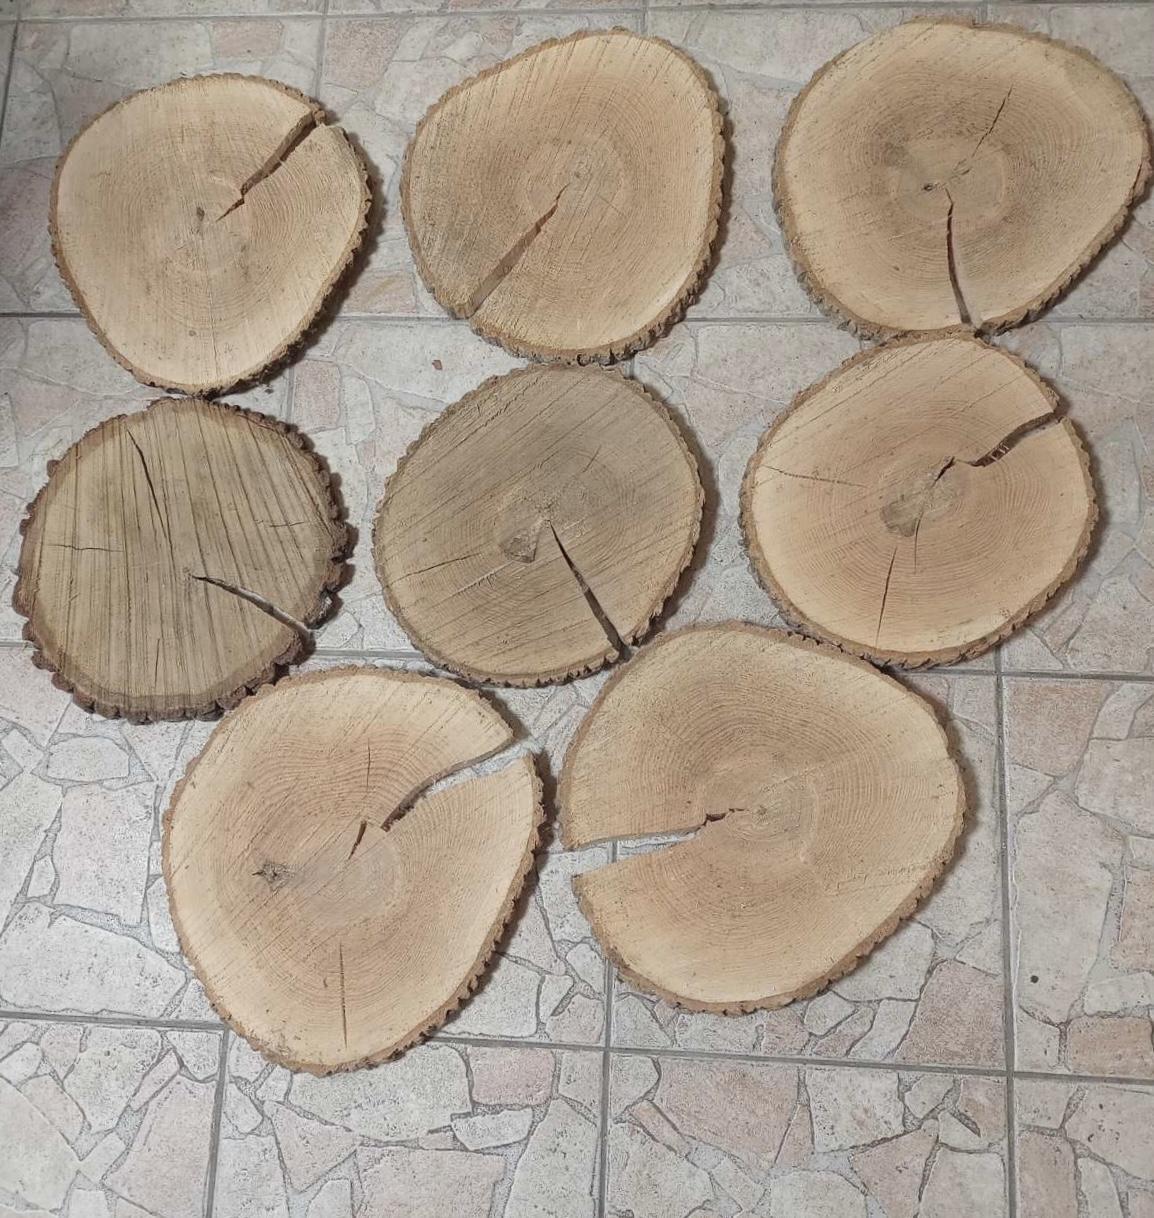 Dřevěné kulatiny / podnosy, průměr cca 30-32 cm - Obrázek č. 1